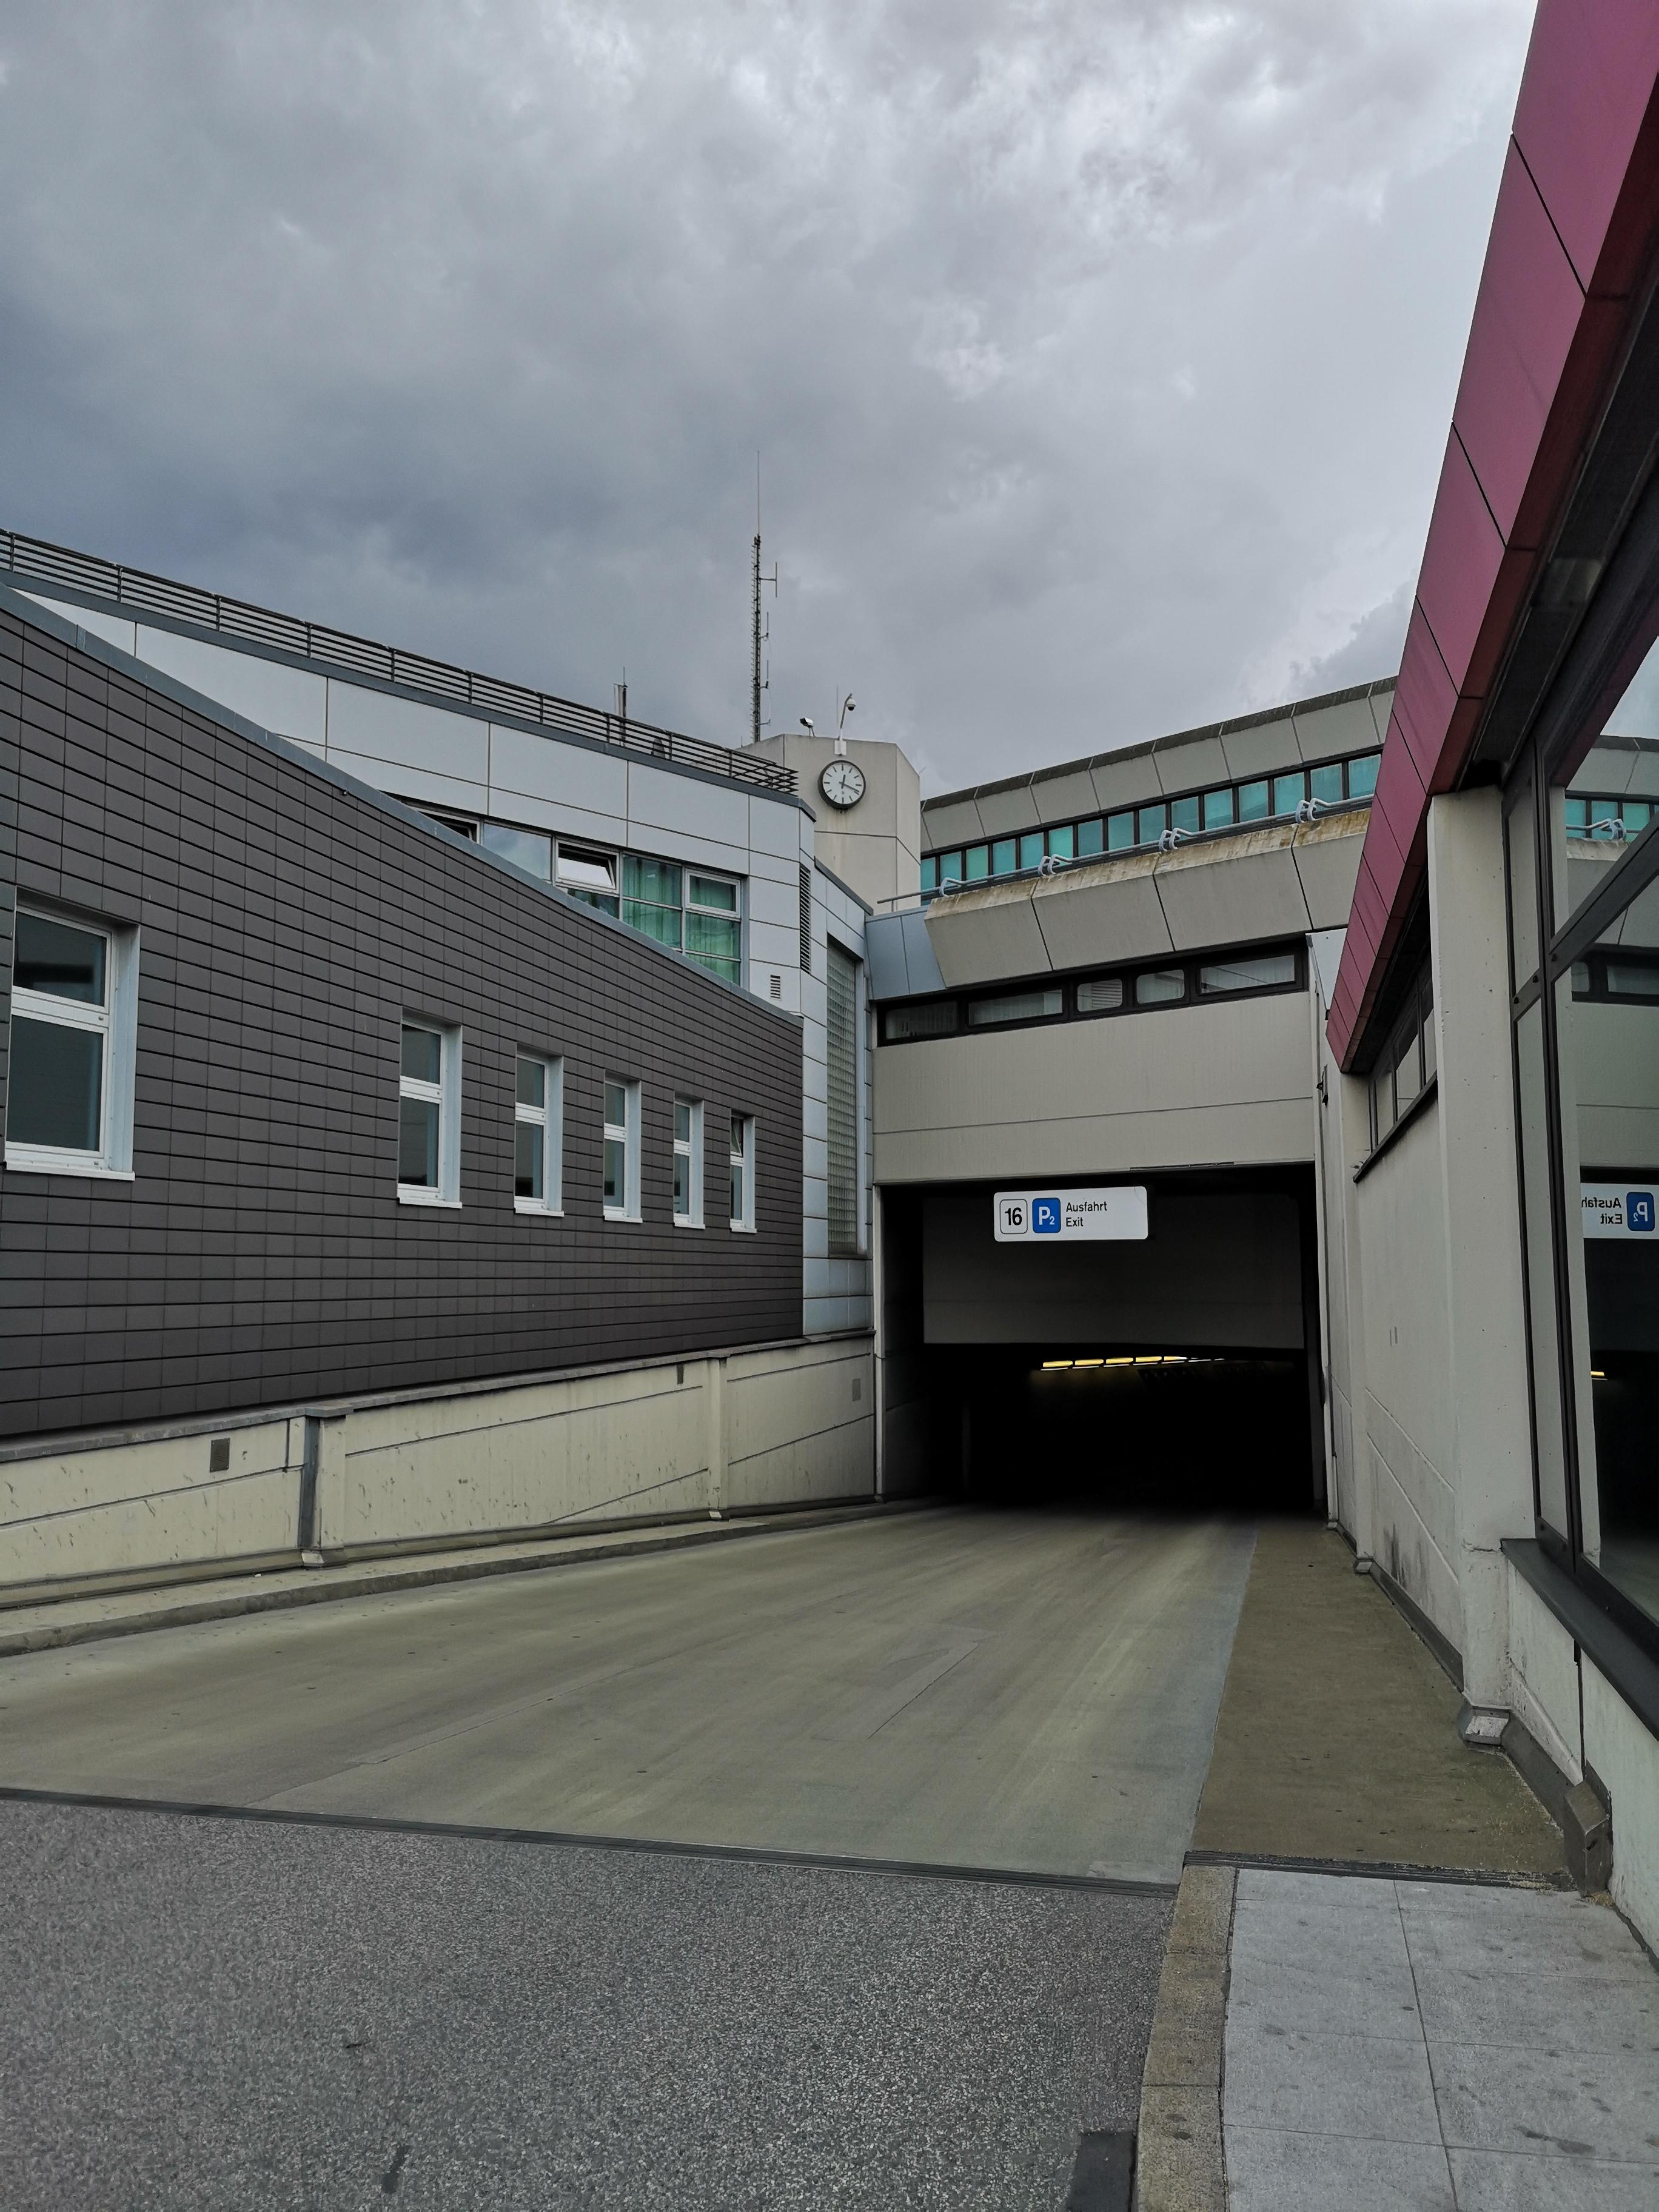 Flughafen-Tegel-Berlin-Schliessung-Exit